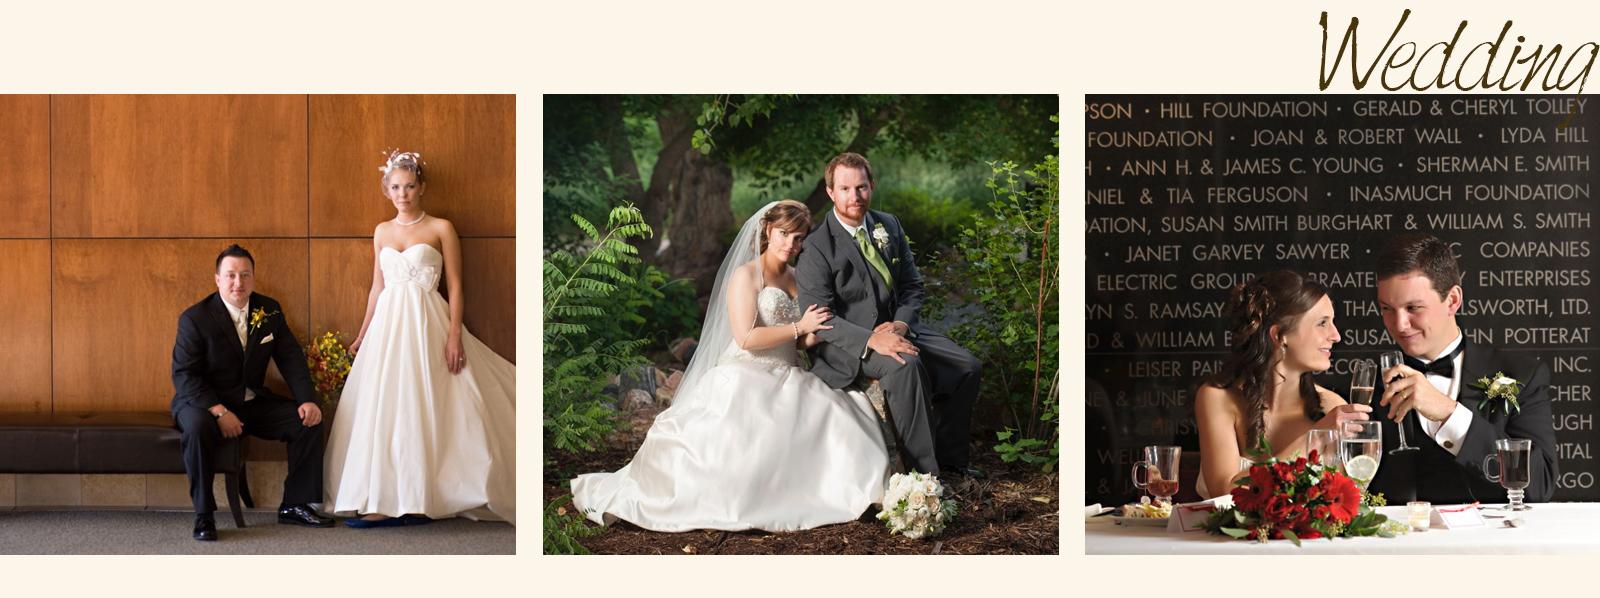 wedding1600.jpg